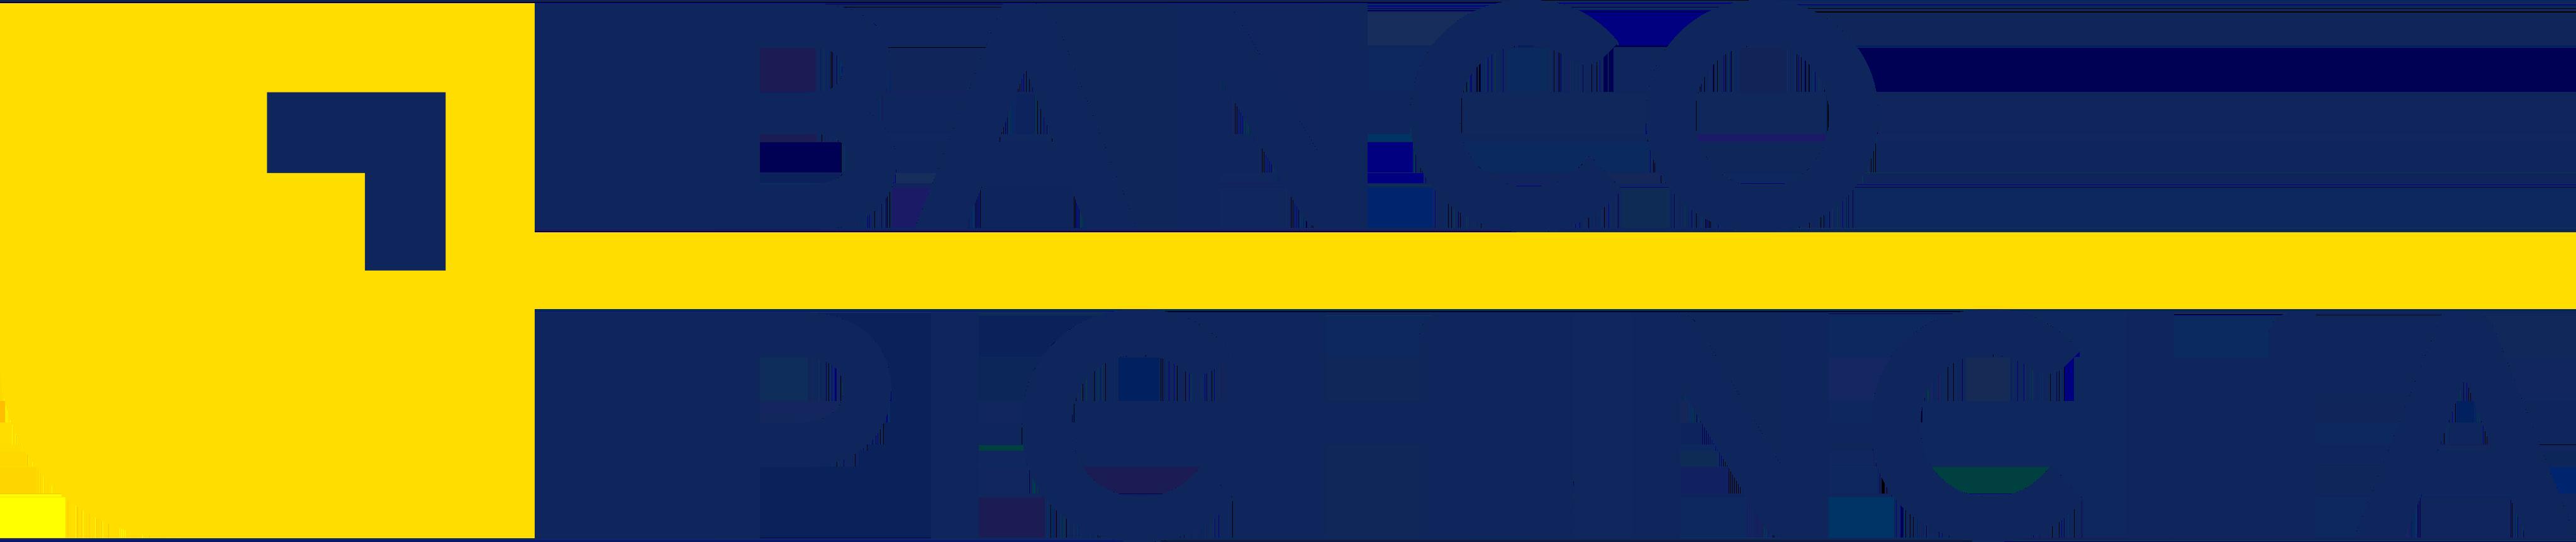 banco-pichincha-logo